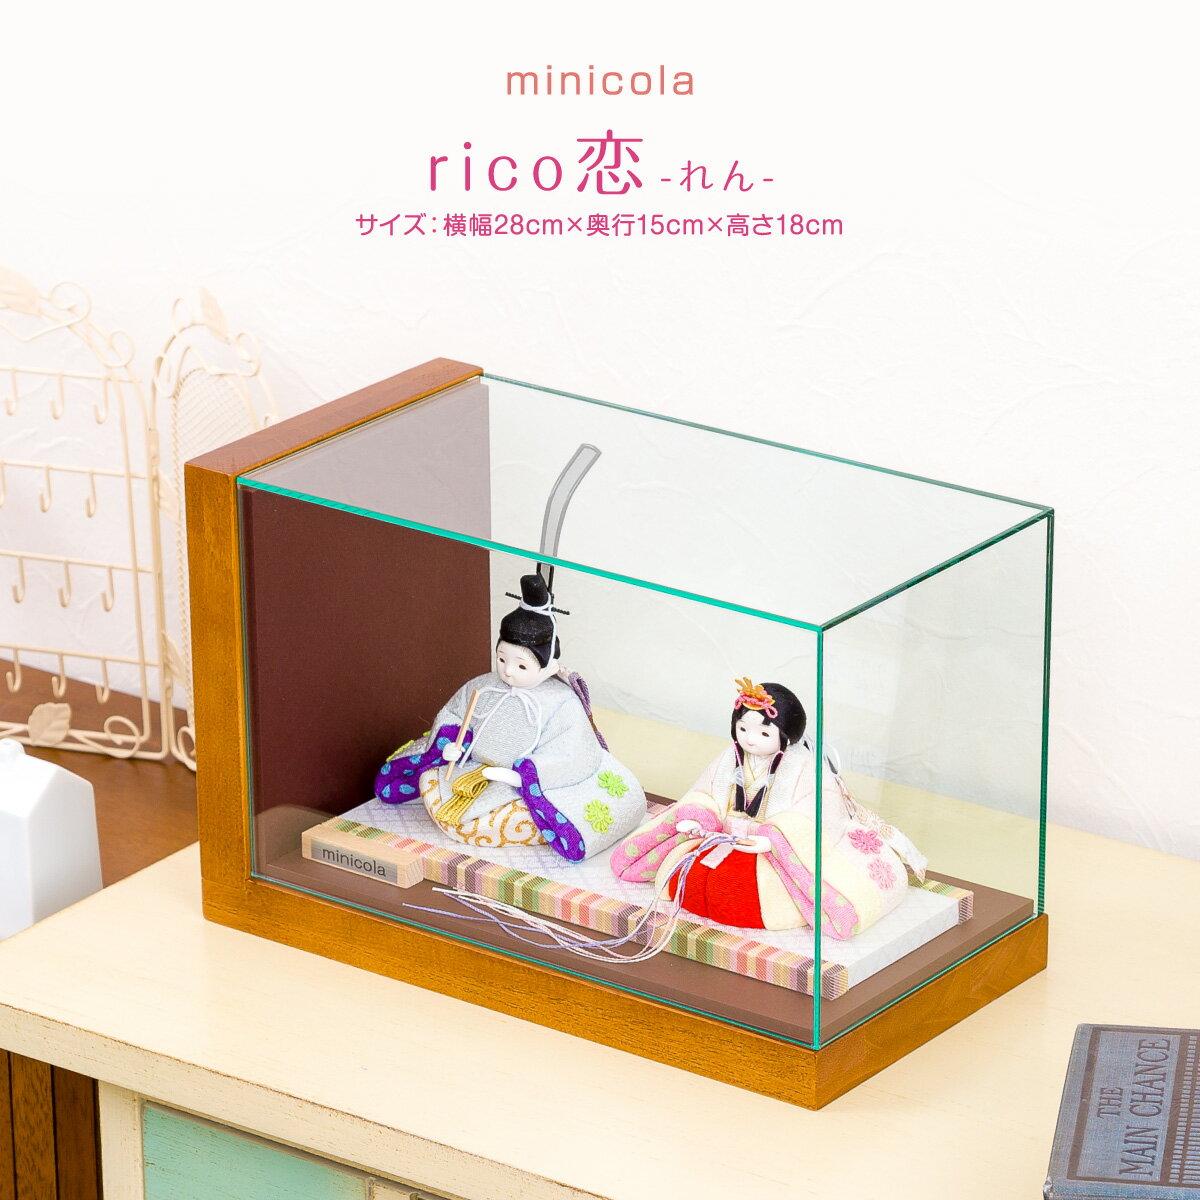 雛人形ケース飾り colocolo 恋-れん- アクリル製ケース飾り コンパクト